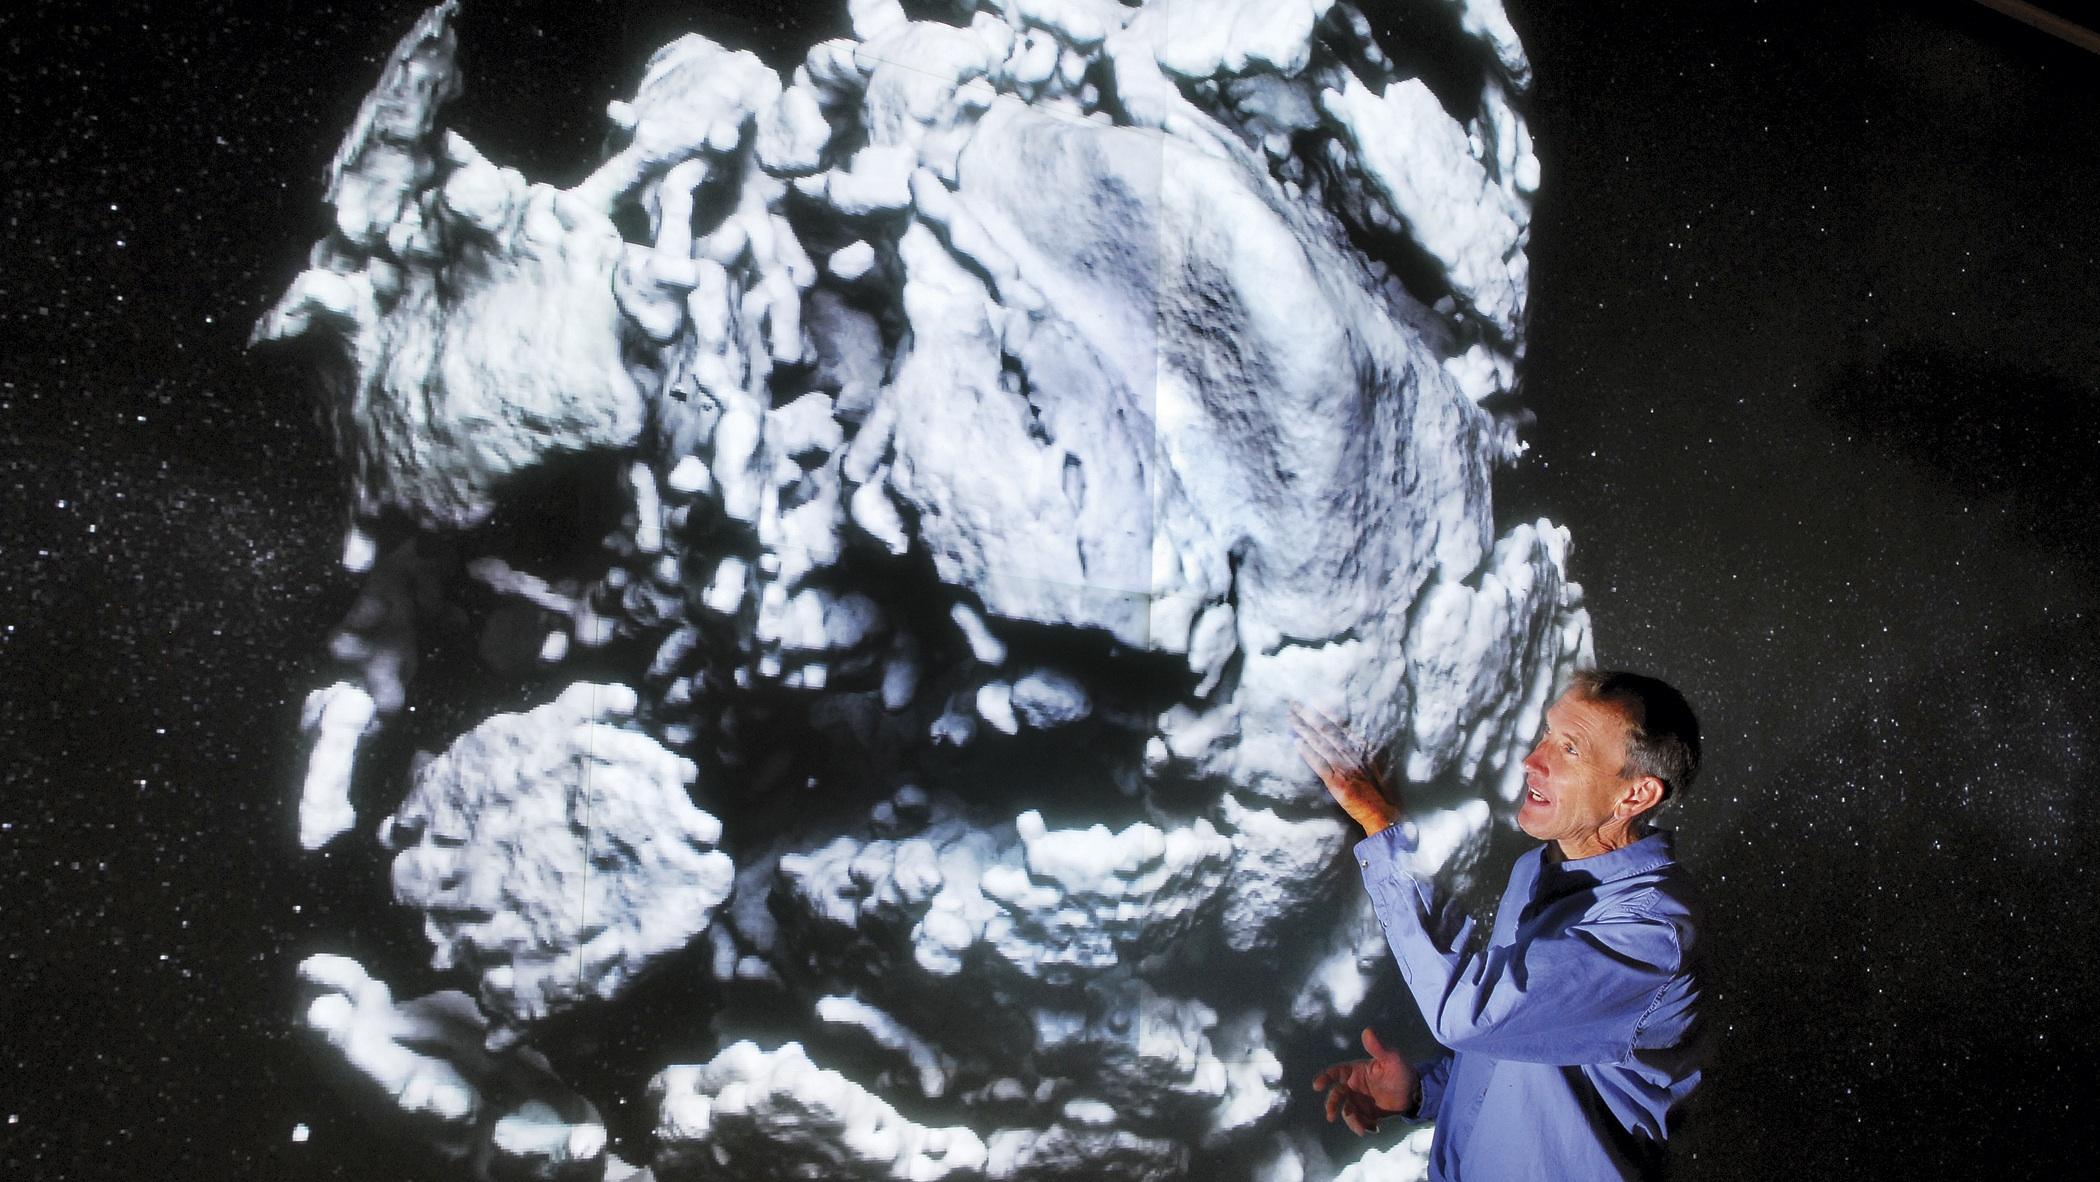 asteroid_featured_scientist